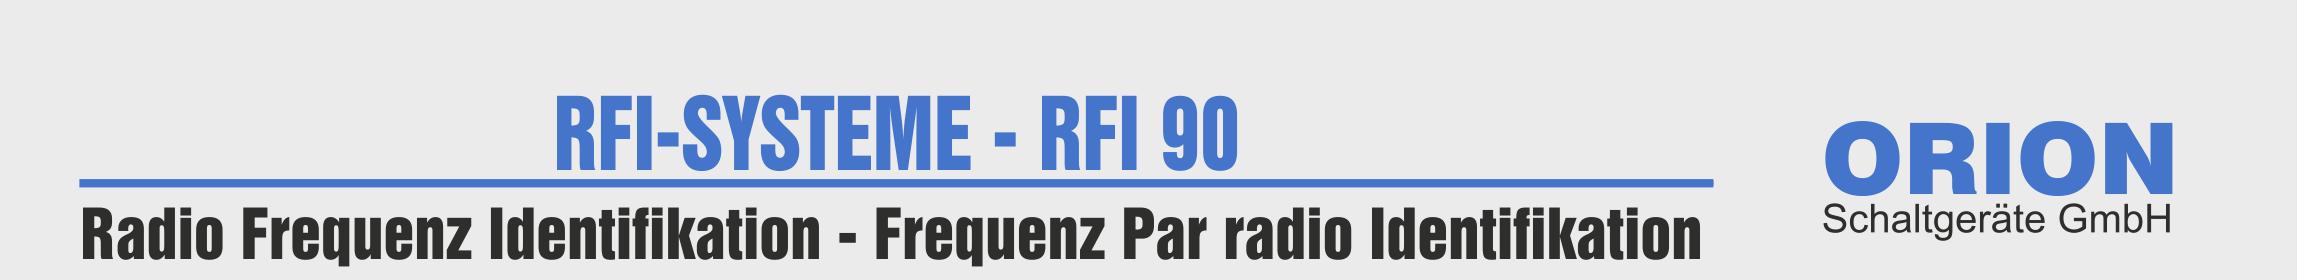 Radiofrequenz Identifikation SYSTEME. RFI. Karten. Schlüssel